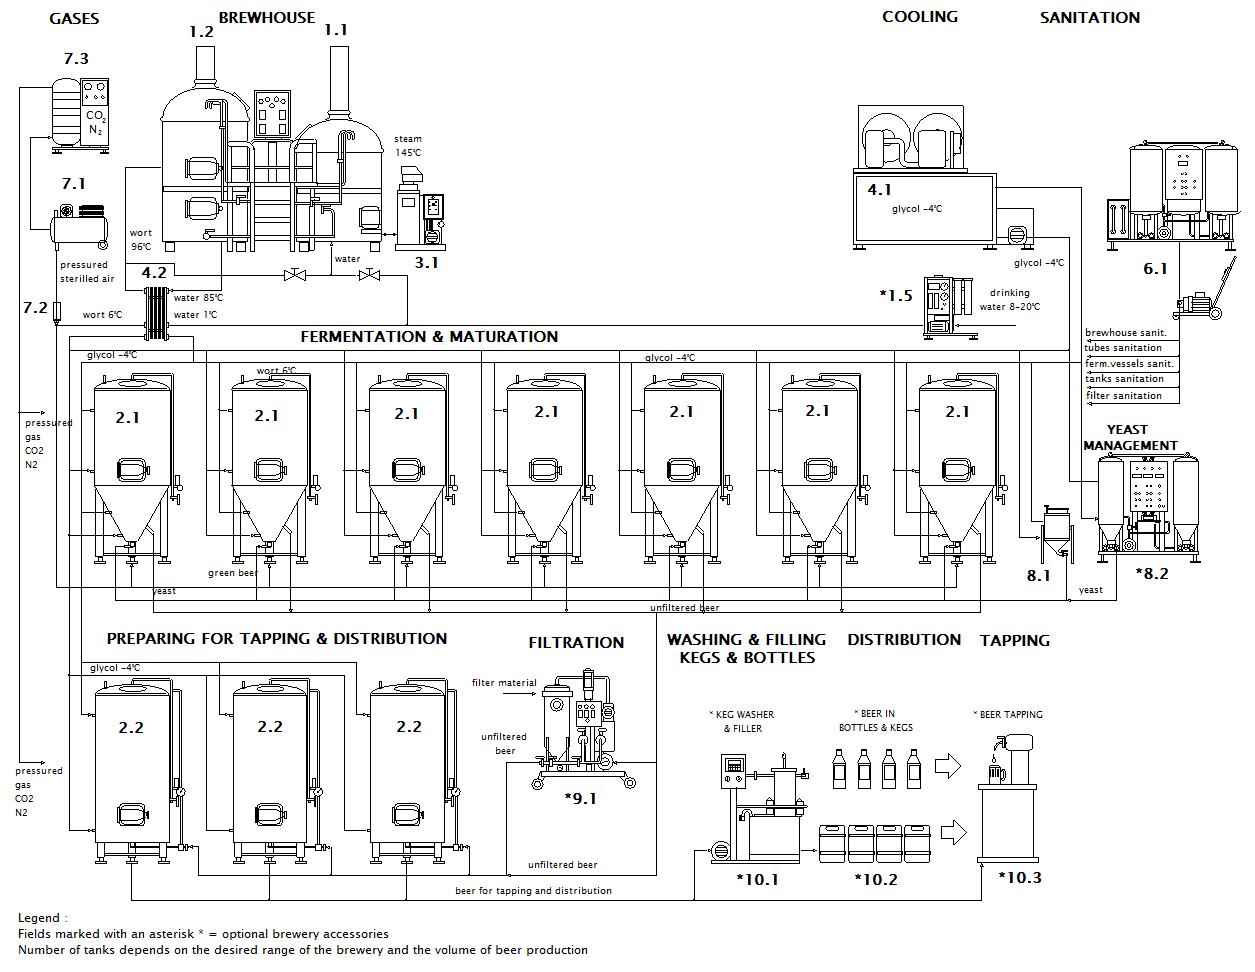 Схема микробизнеса Breworx Lite ME CF